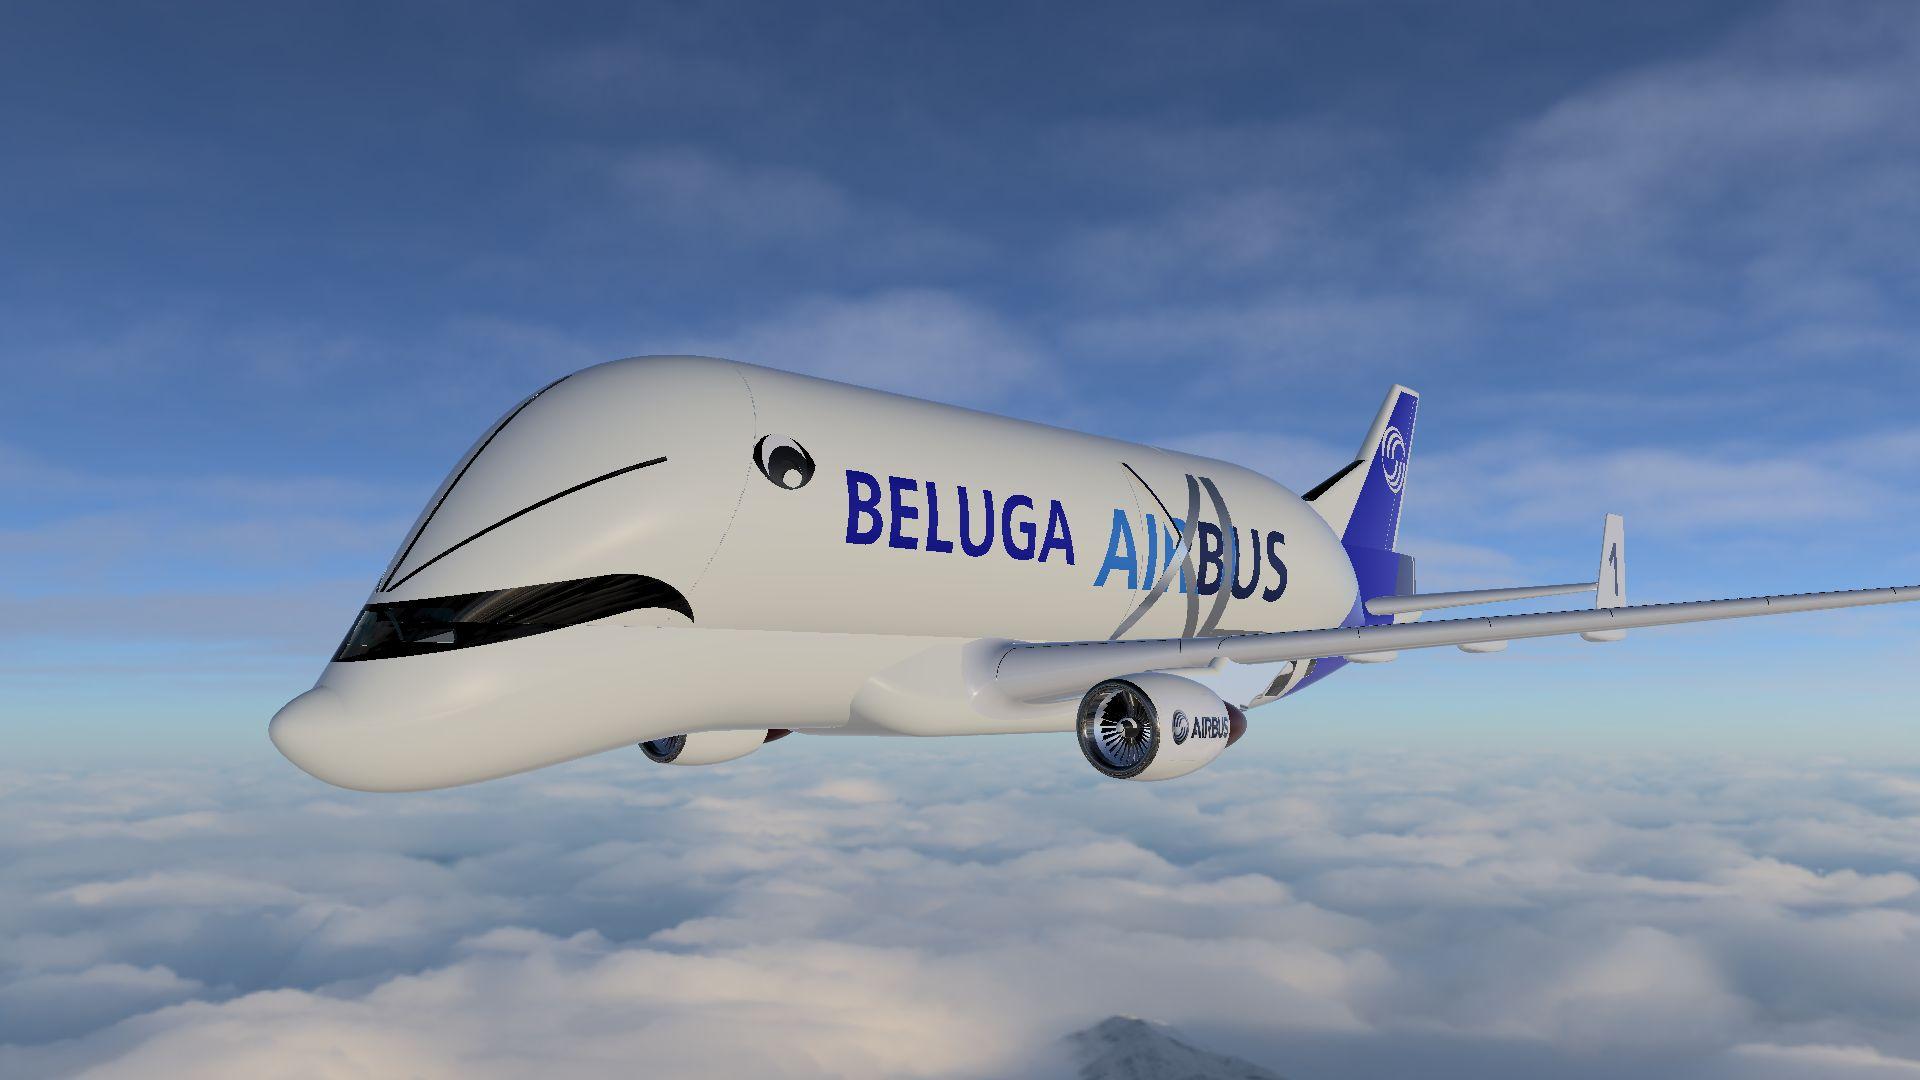 Airbus-beluga-001-3500-3500